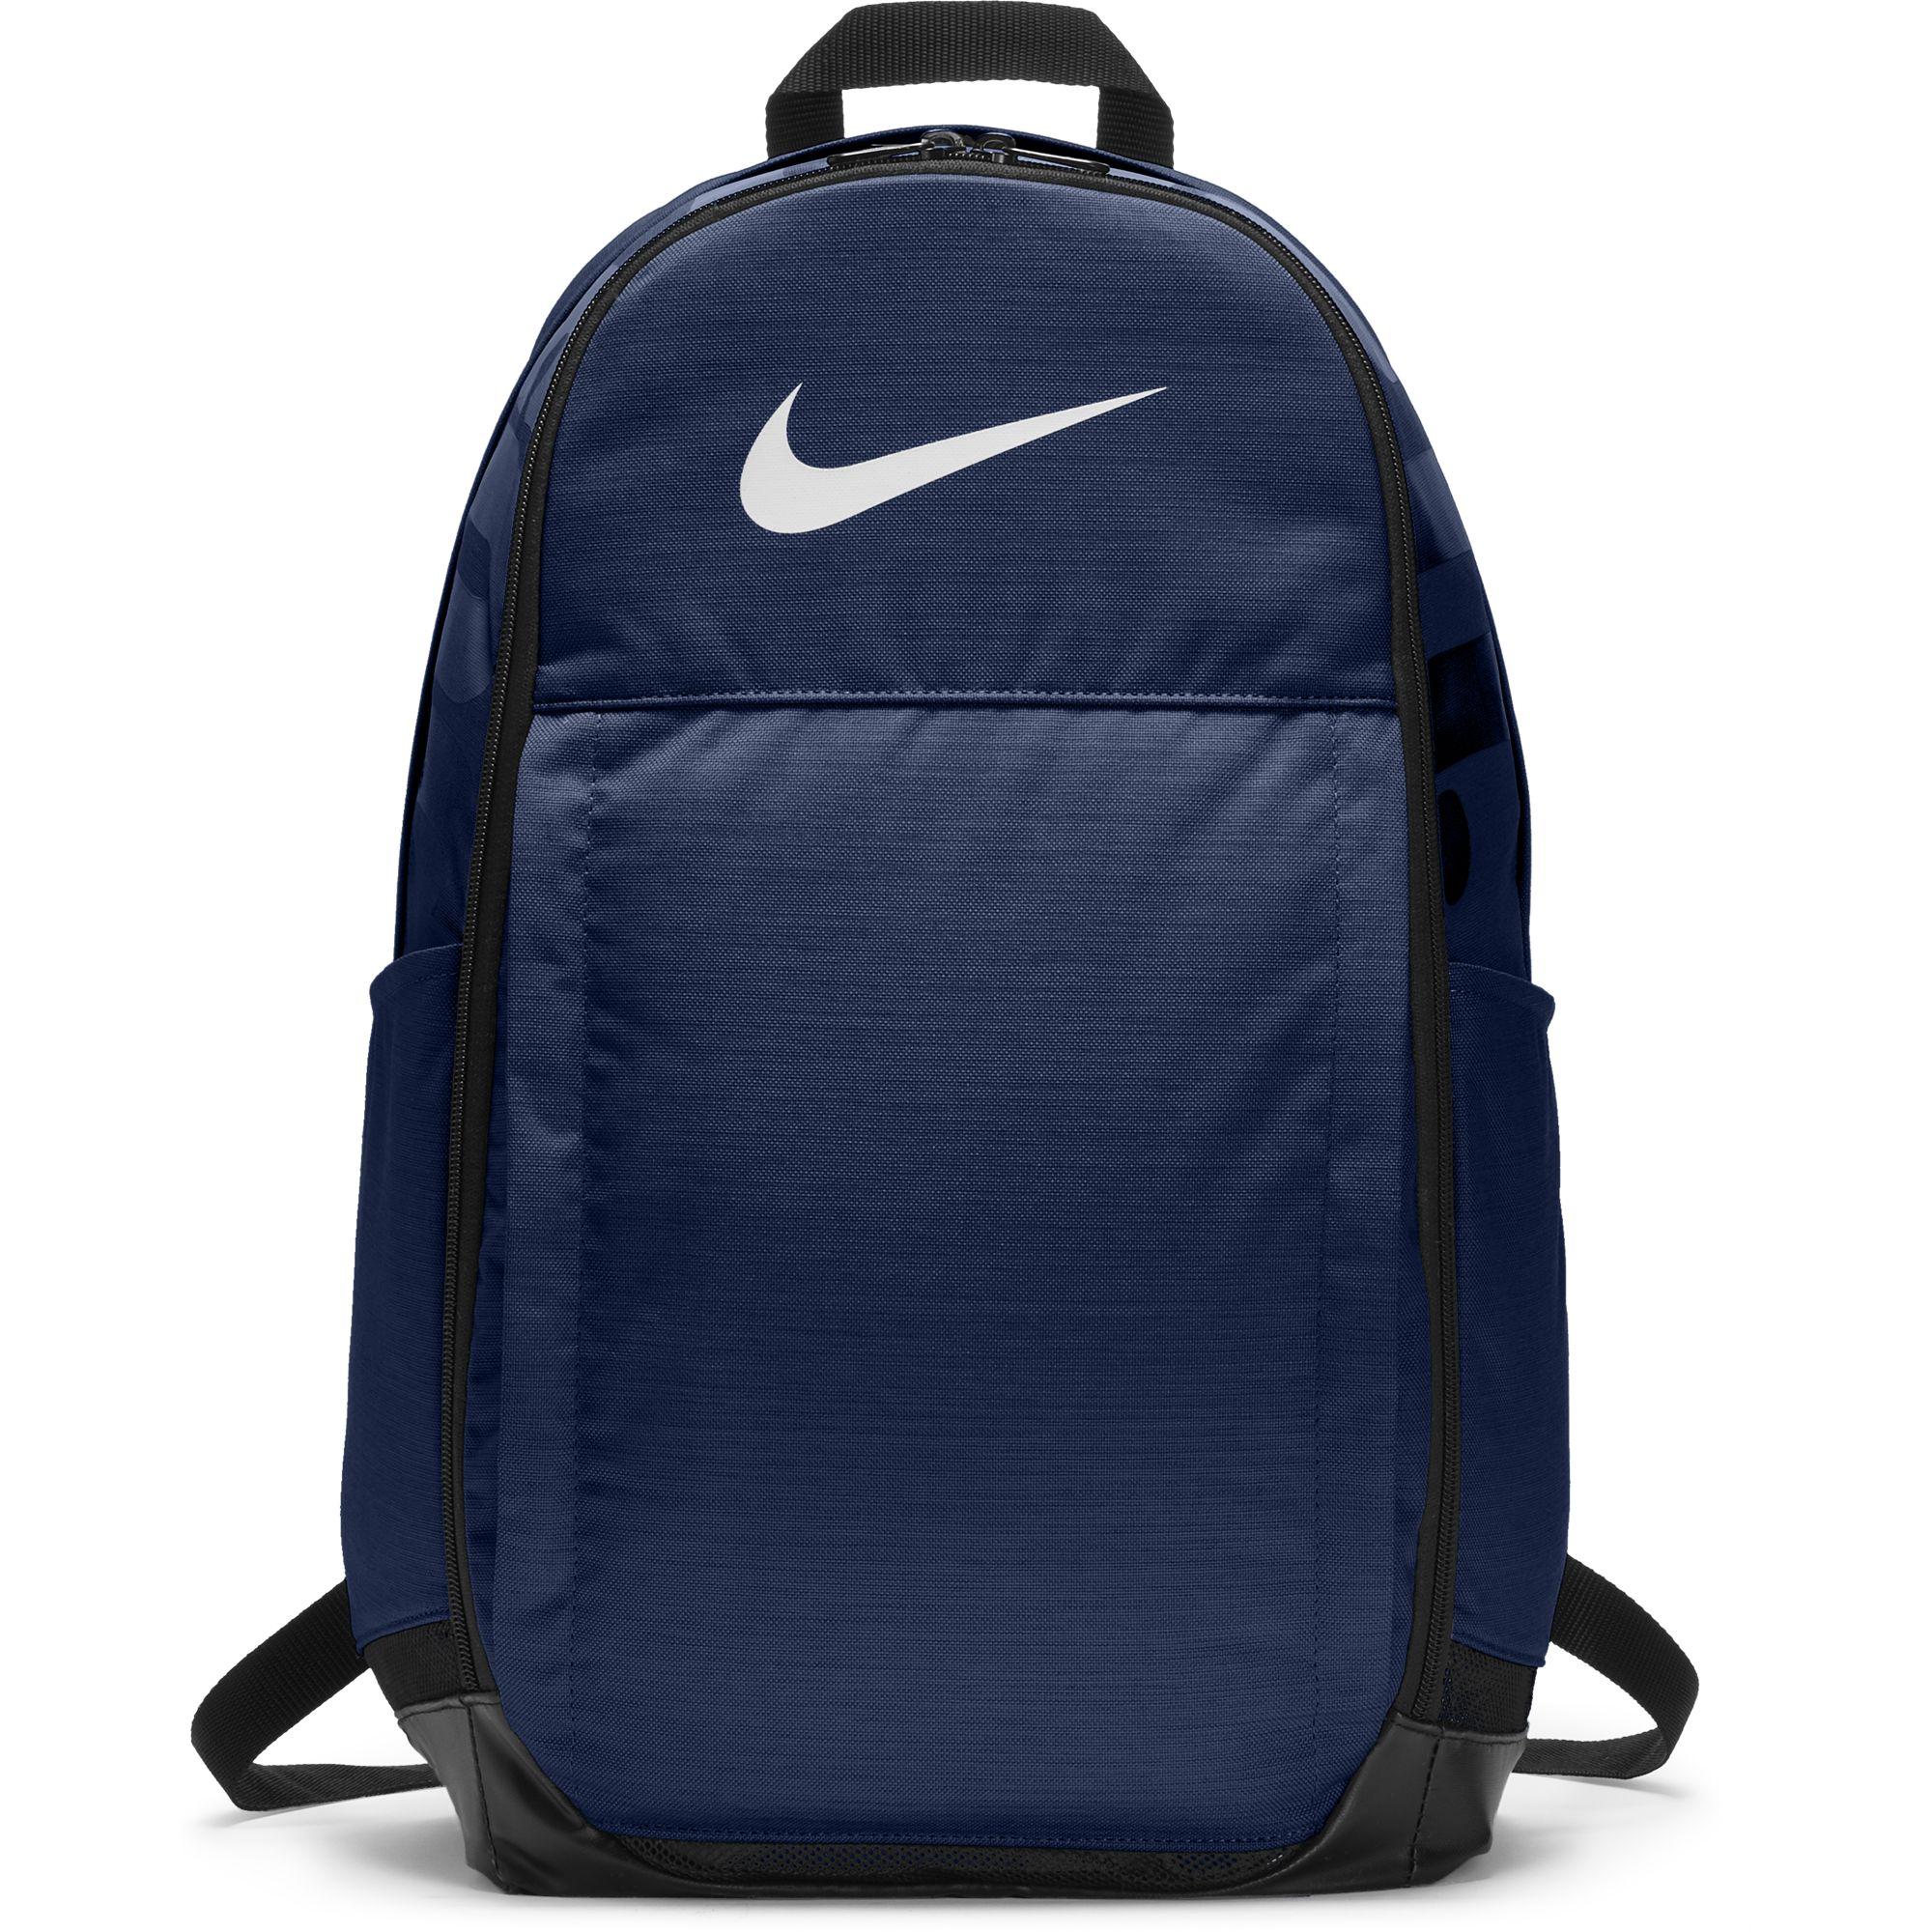 8286b059f Details about Nike Brasilia (Extra Large) Training Backpack